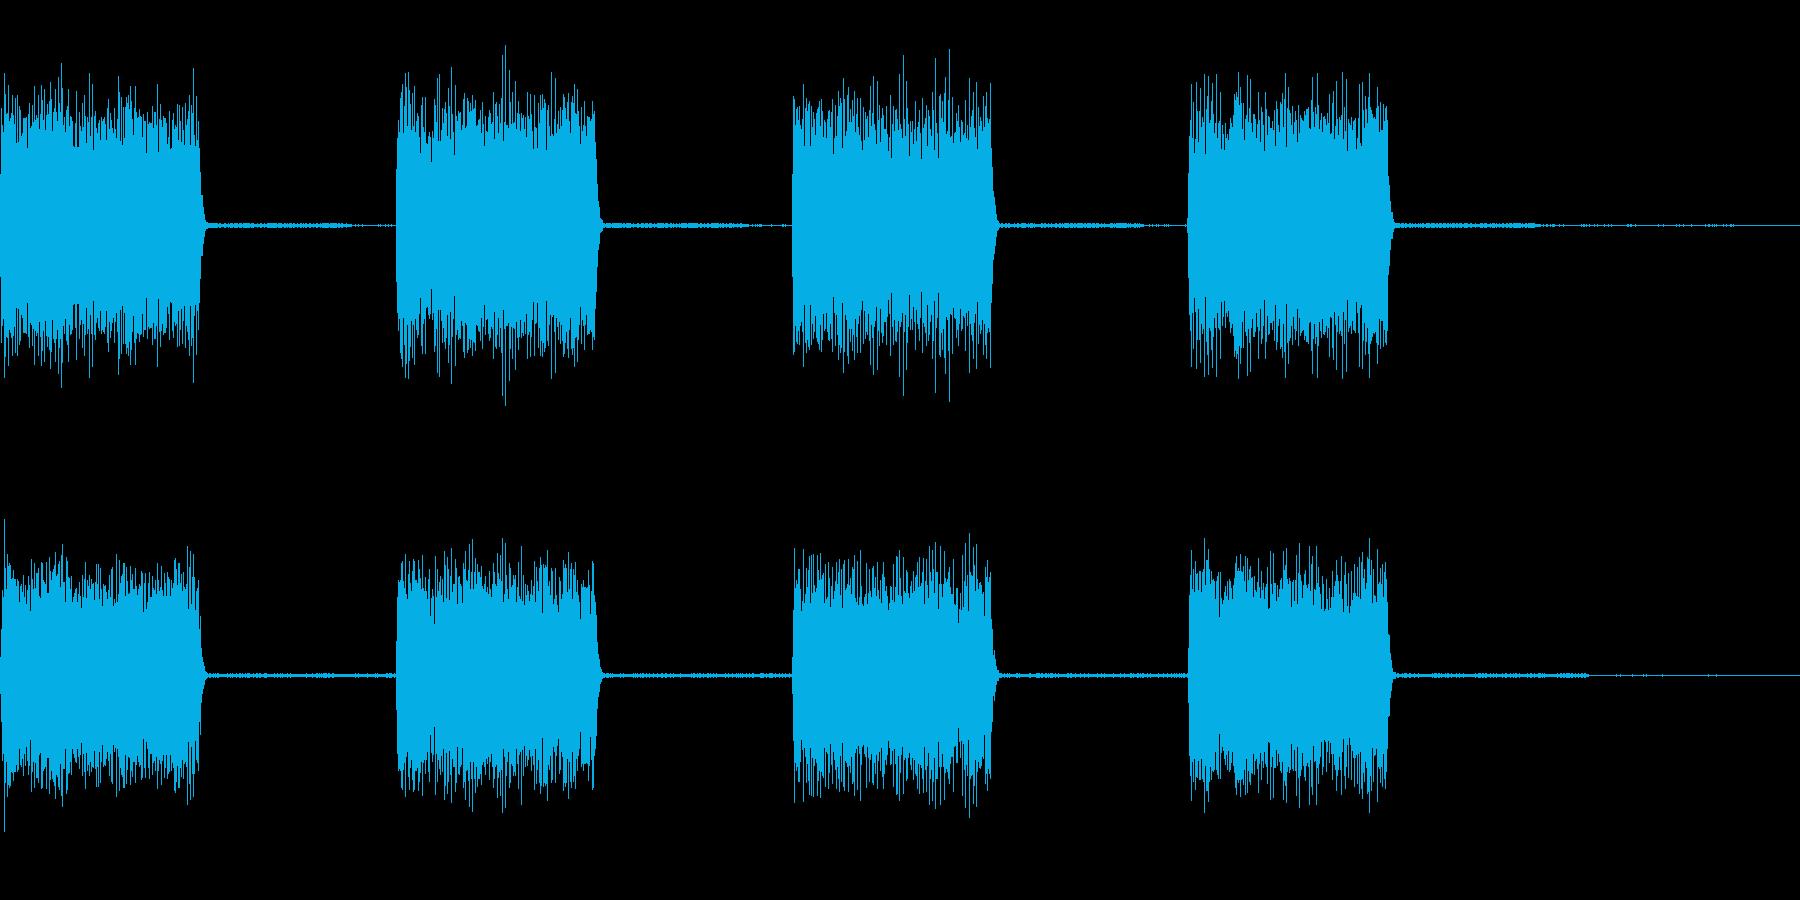 【効果音】警報音3の再生済みの波形